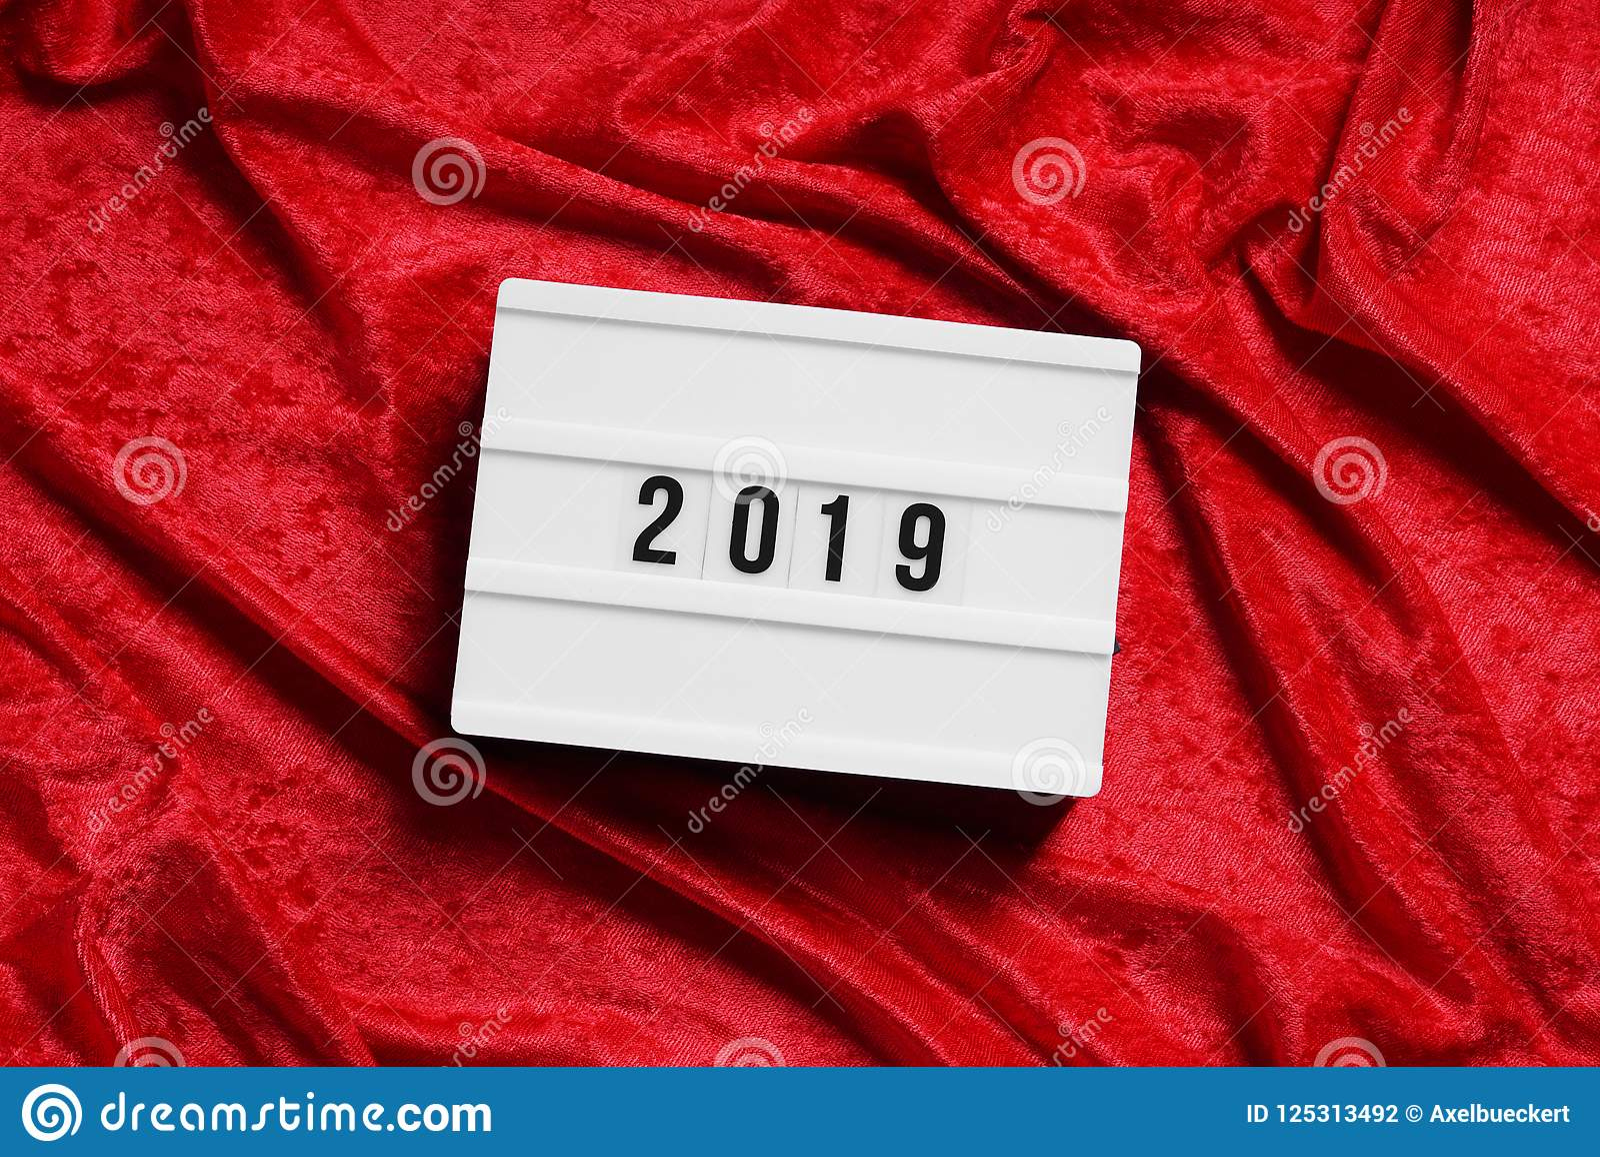 Year 2019 Lightbox On Red Velvet Background Stock Photo Image Of